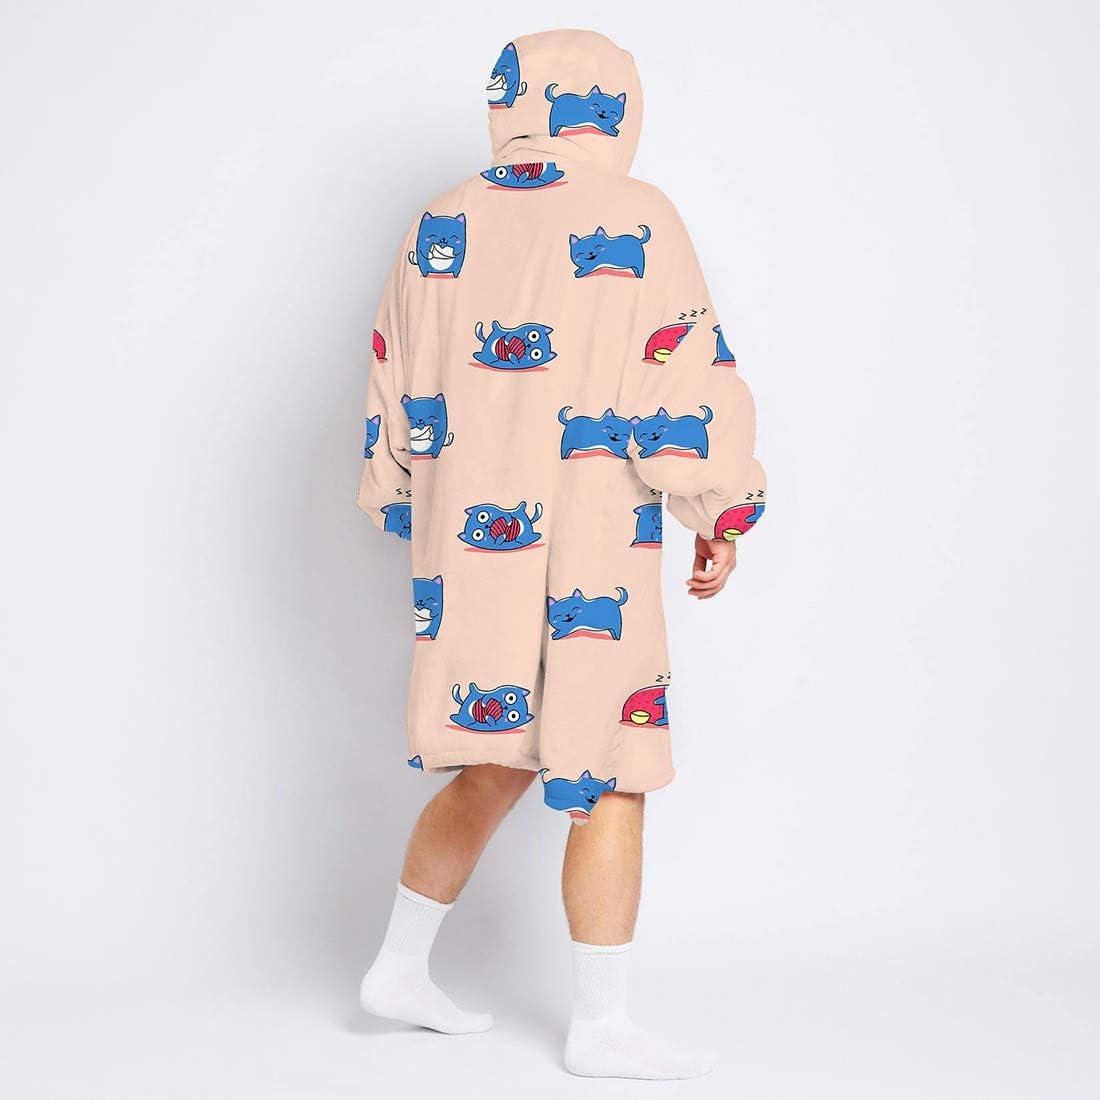 Vertvie Übergroße Hoodie Sweatshirt Drucken Decke Plüsch Dicke TV Decke mit Ärmeln Warm Bequem Pullover Mit Kapuze Robe Flanell Riesenpullover mit Fronttasche für Frauen Herren I